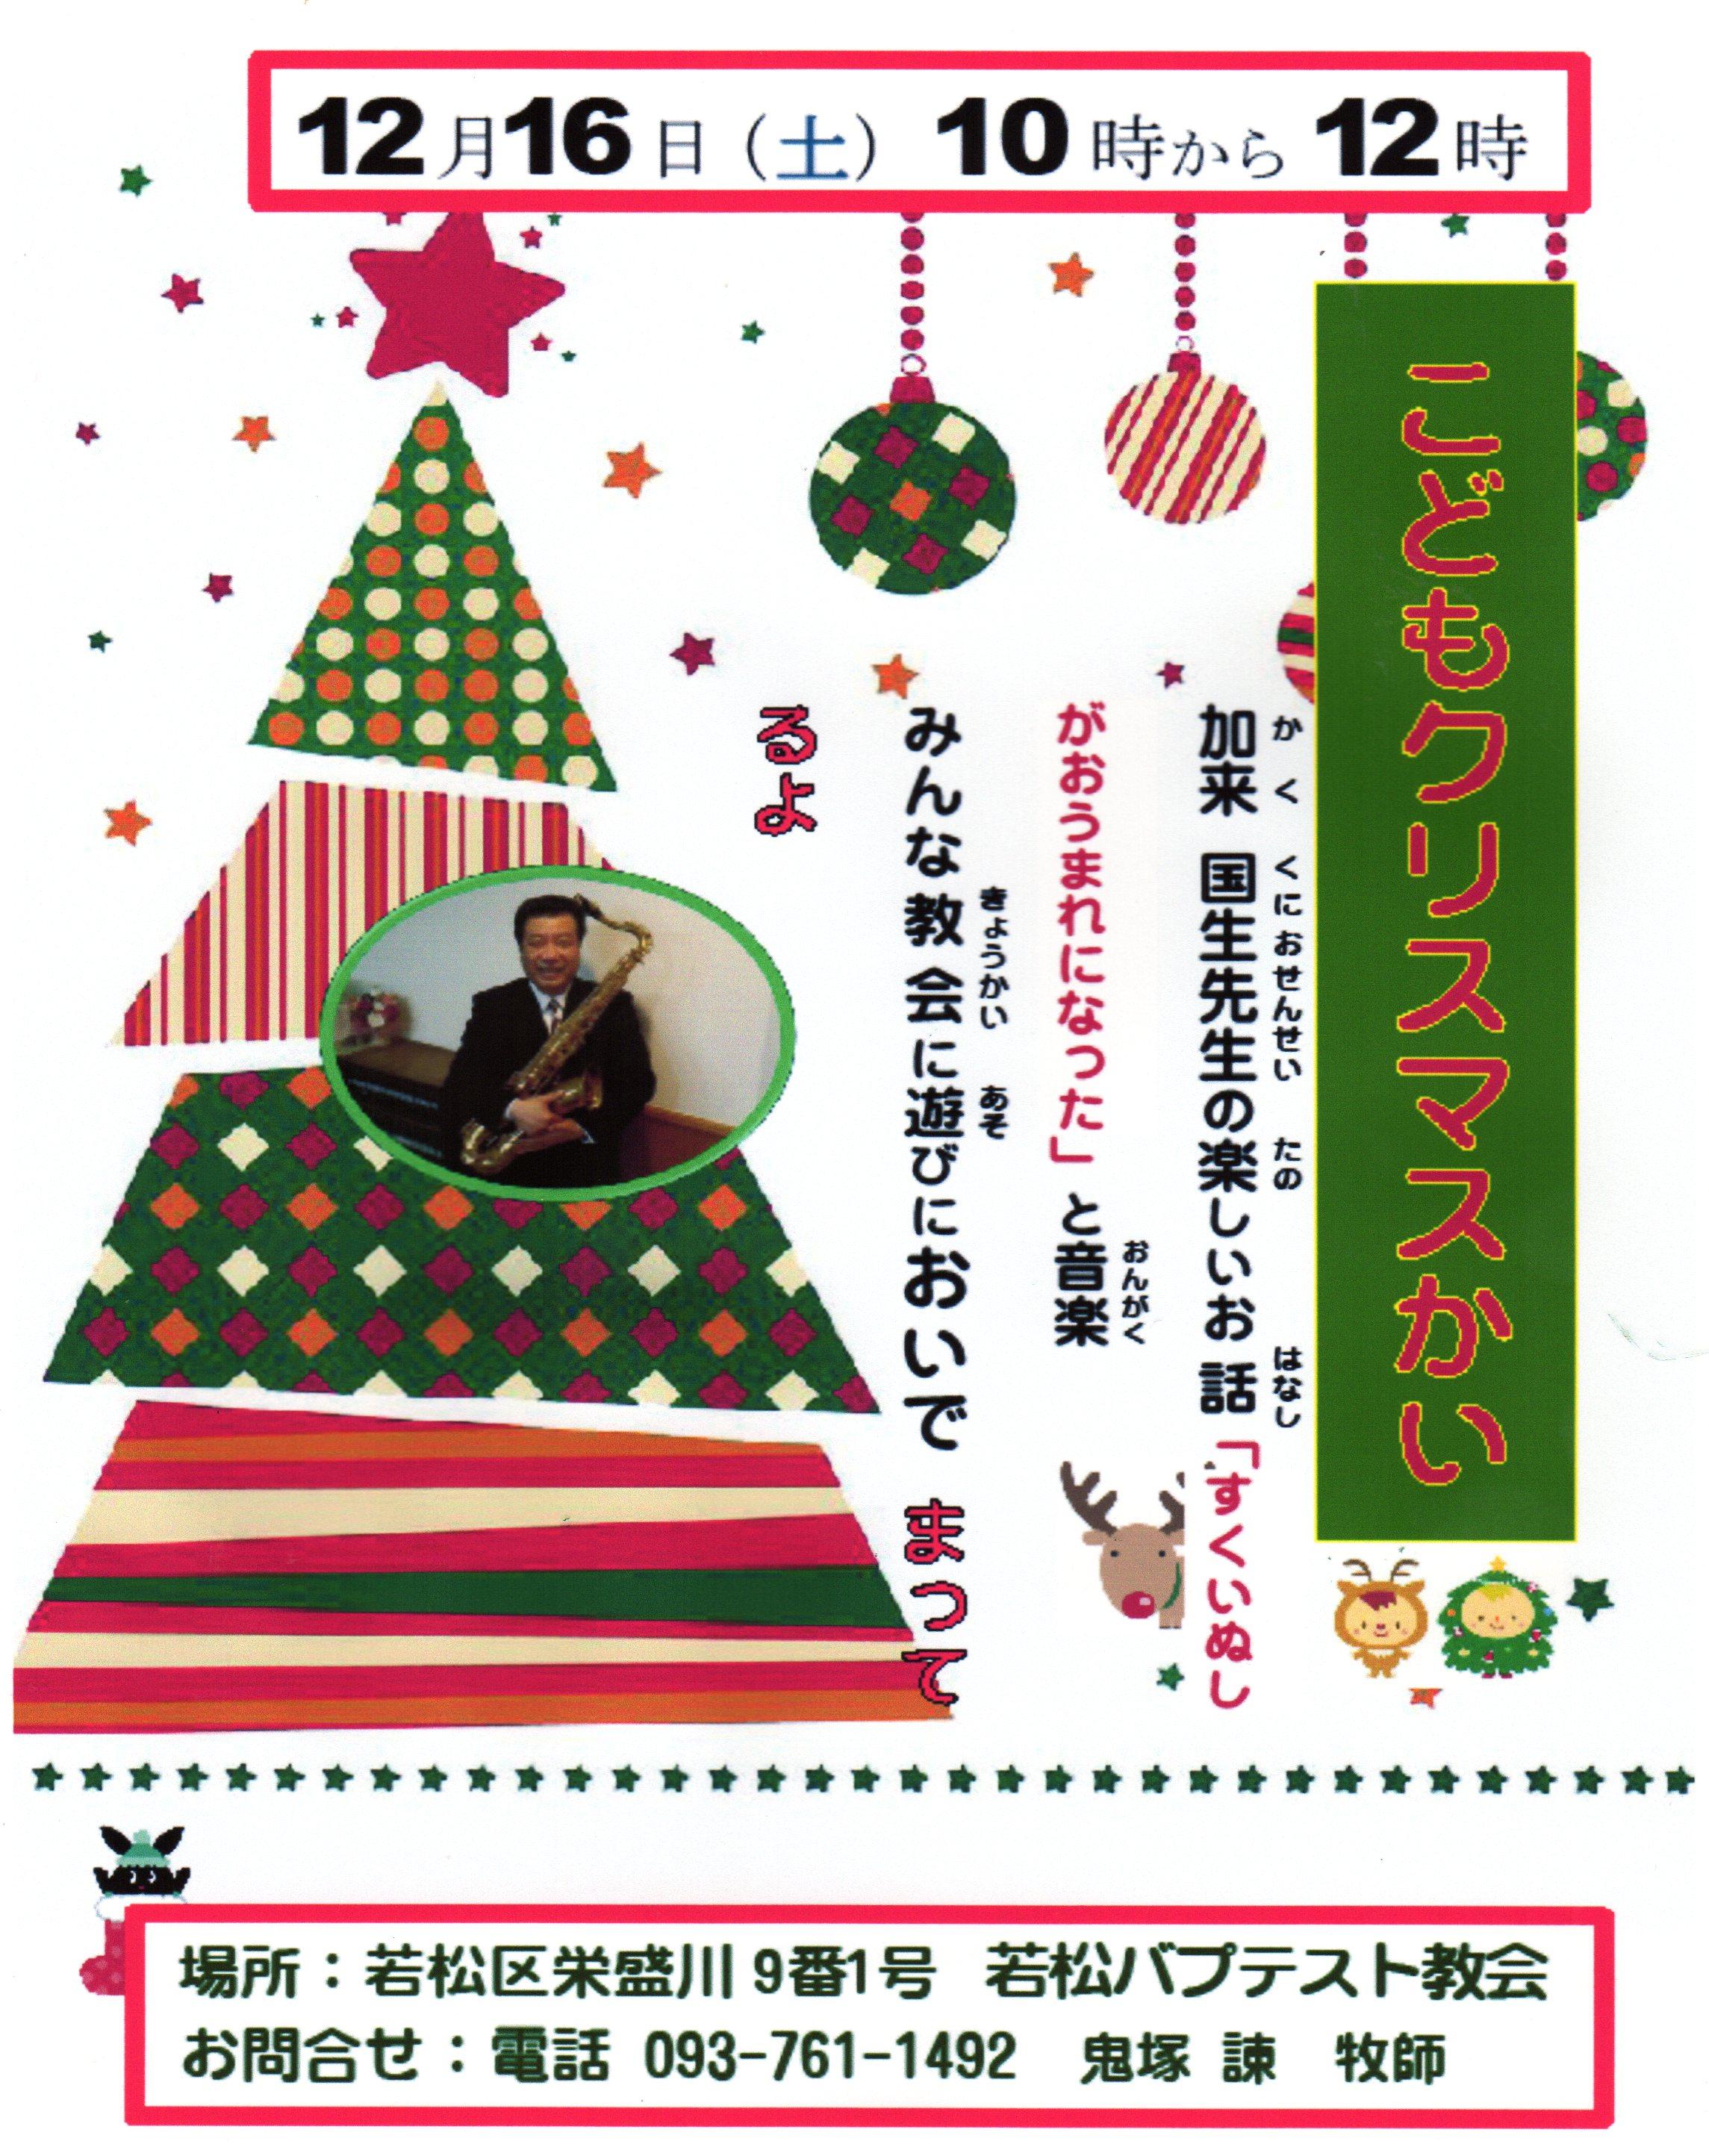 12月6日(土)10時から12時まで、「こどもクリスマスかい」のイメージ